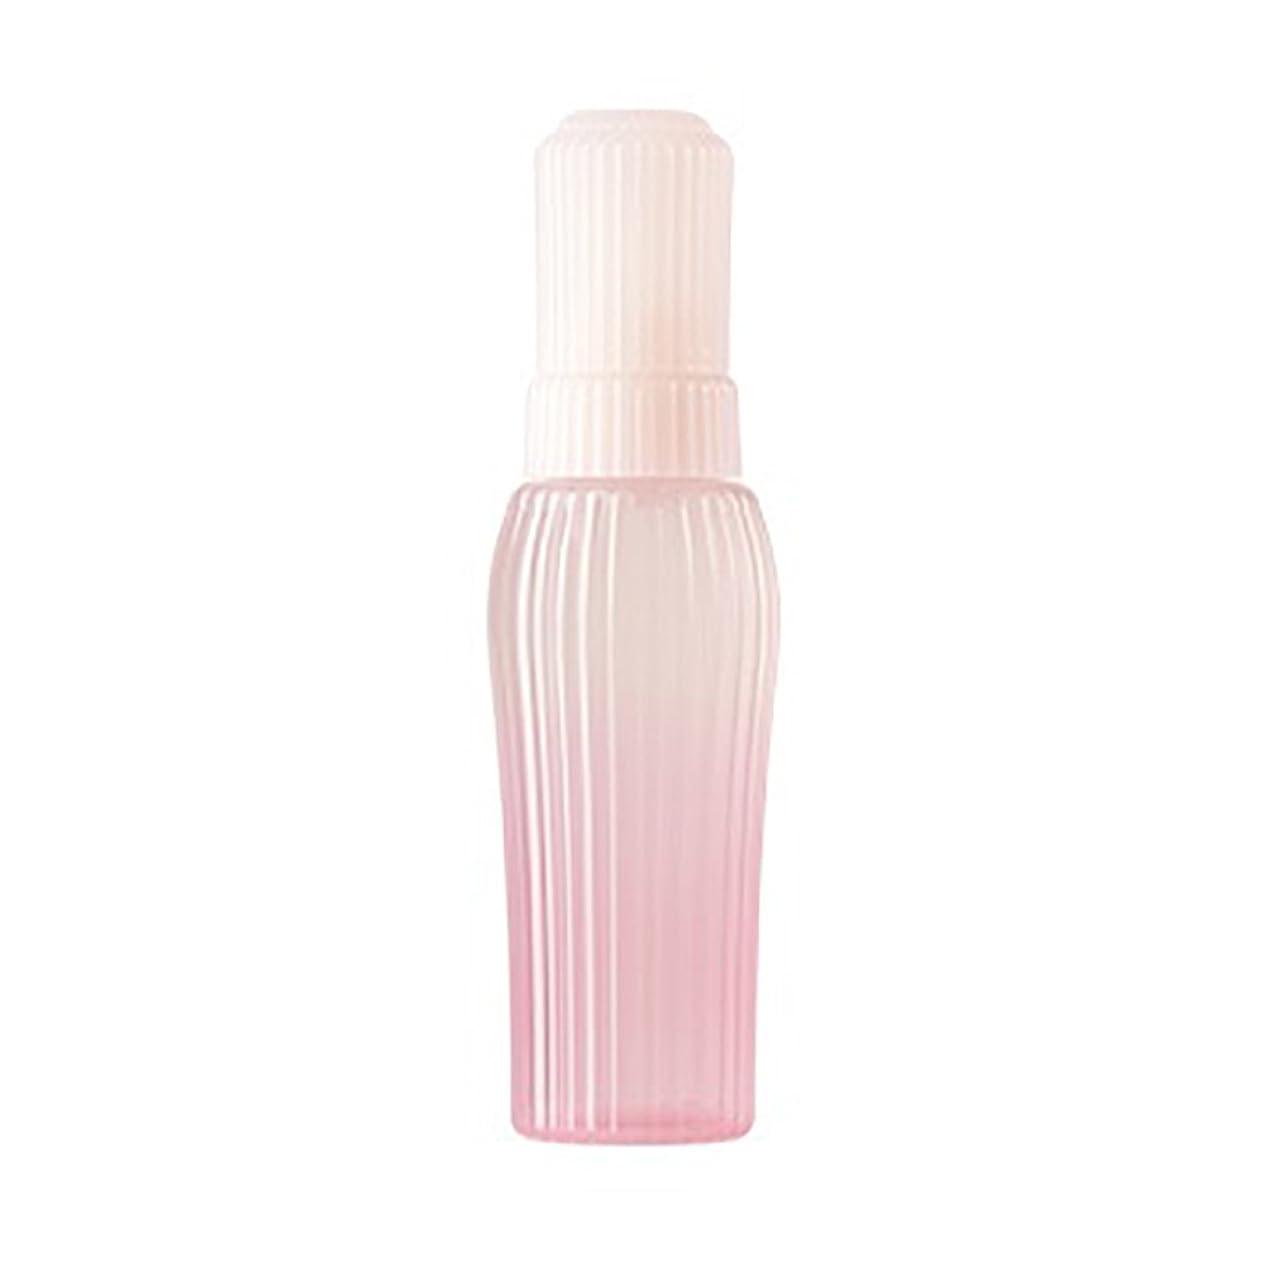 主差別ピルファーアユーラ (AYURA) fサインディフェンス スキンエンハンサー (医薬部外品) 130mL 〈敏感肌用 化粧水〉薬用美容水